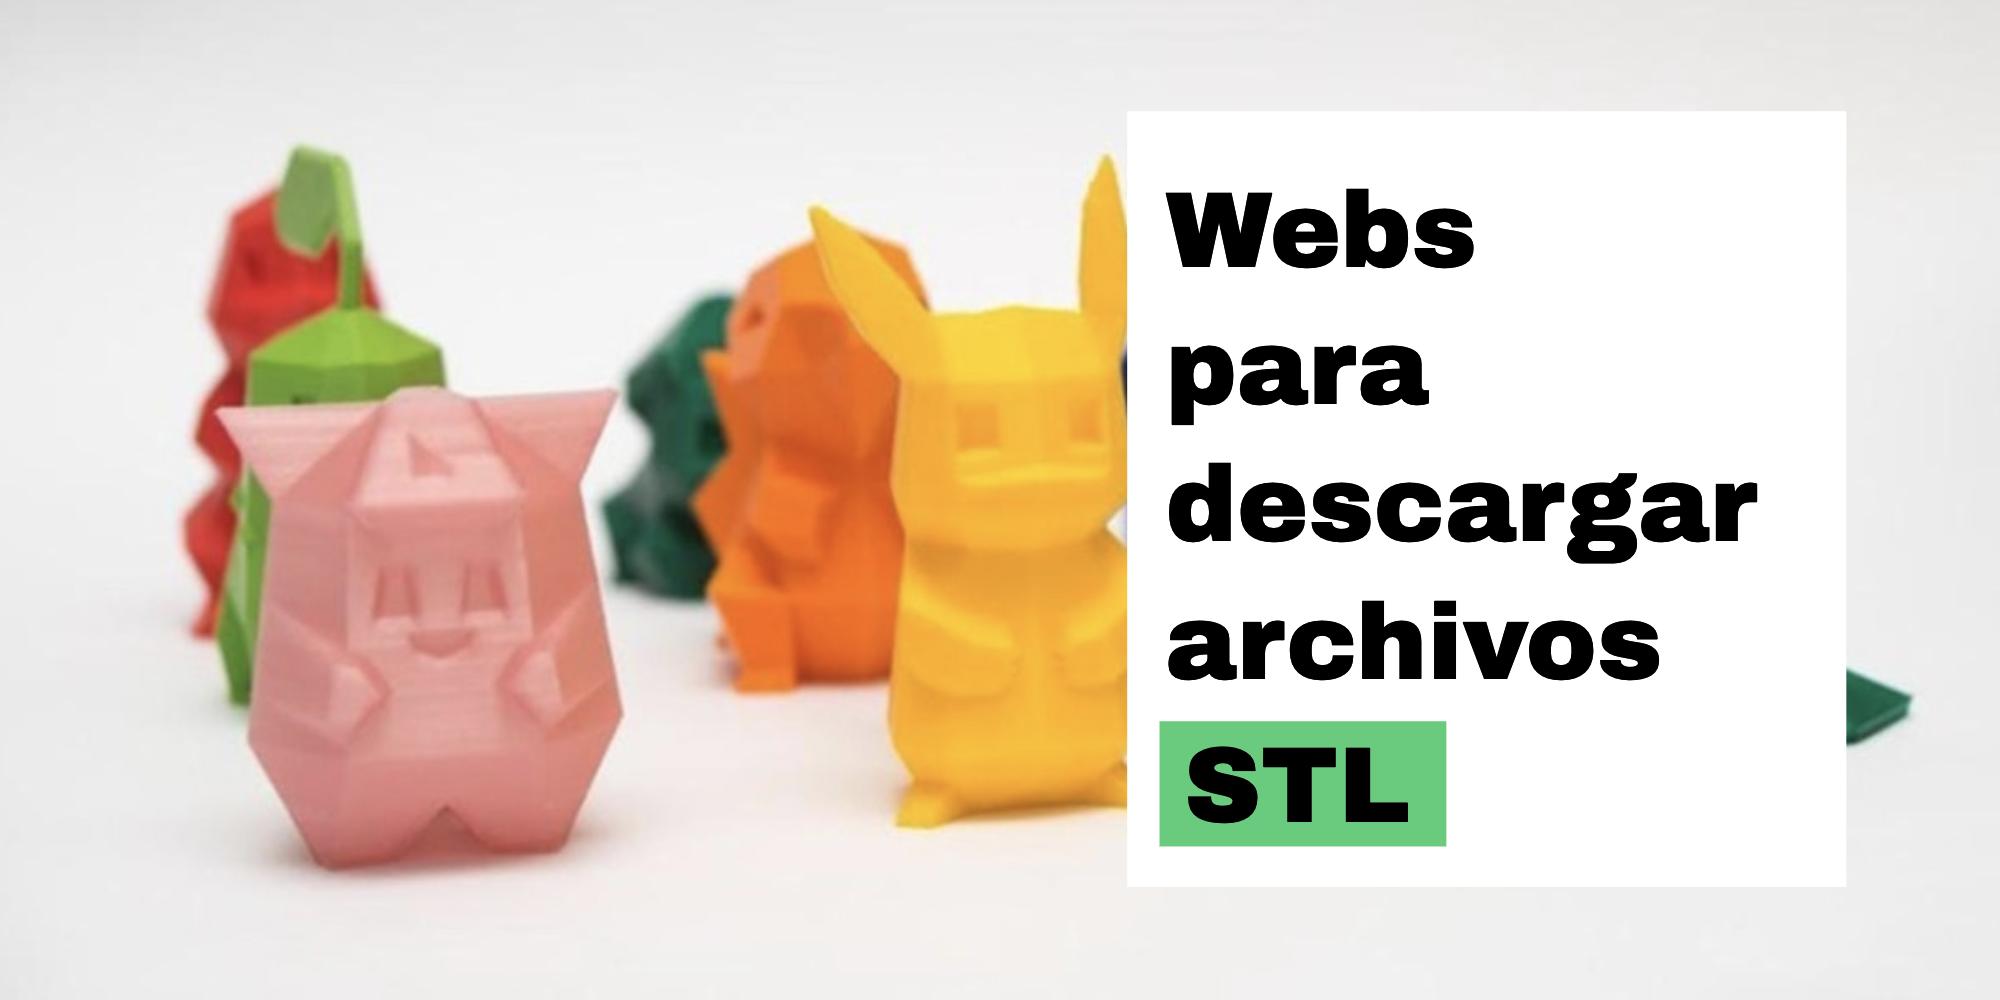 Descargar archivos STL